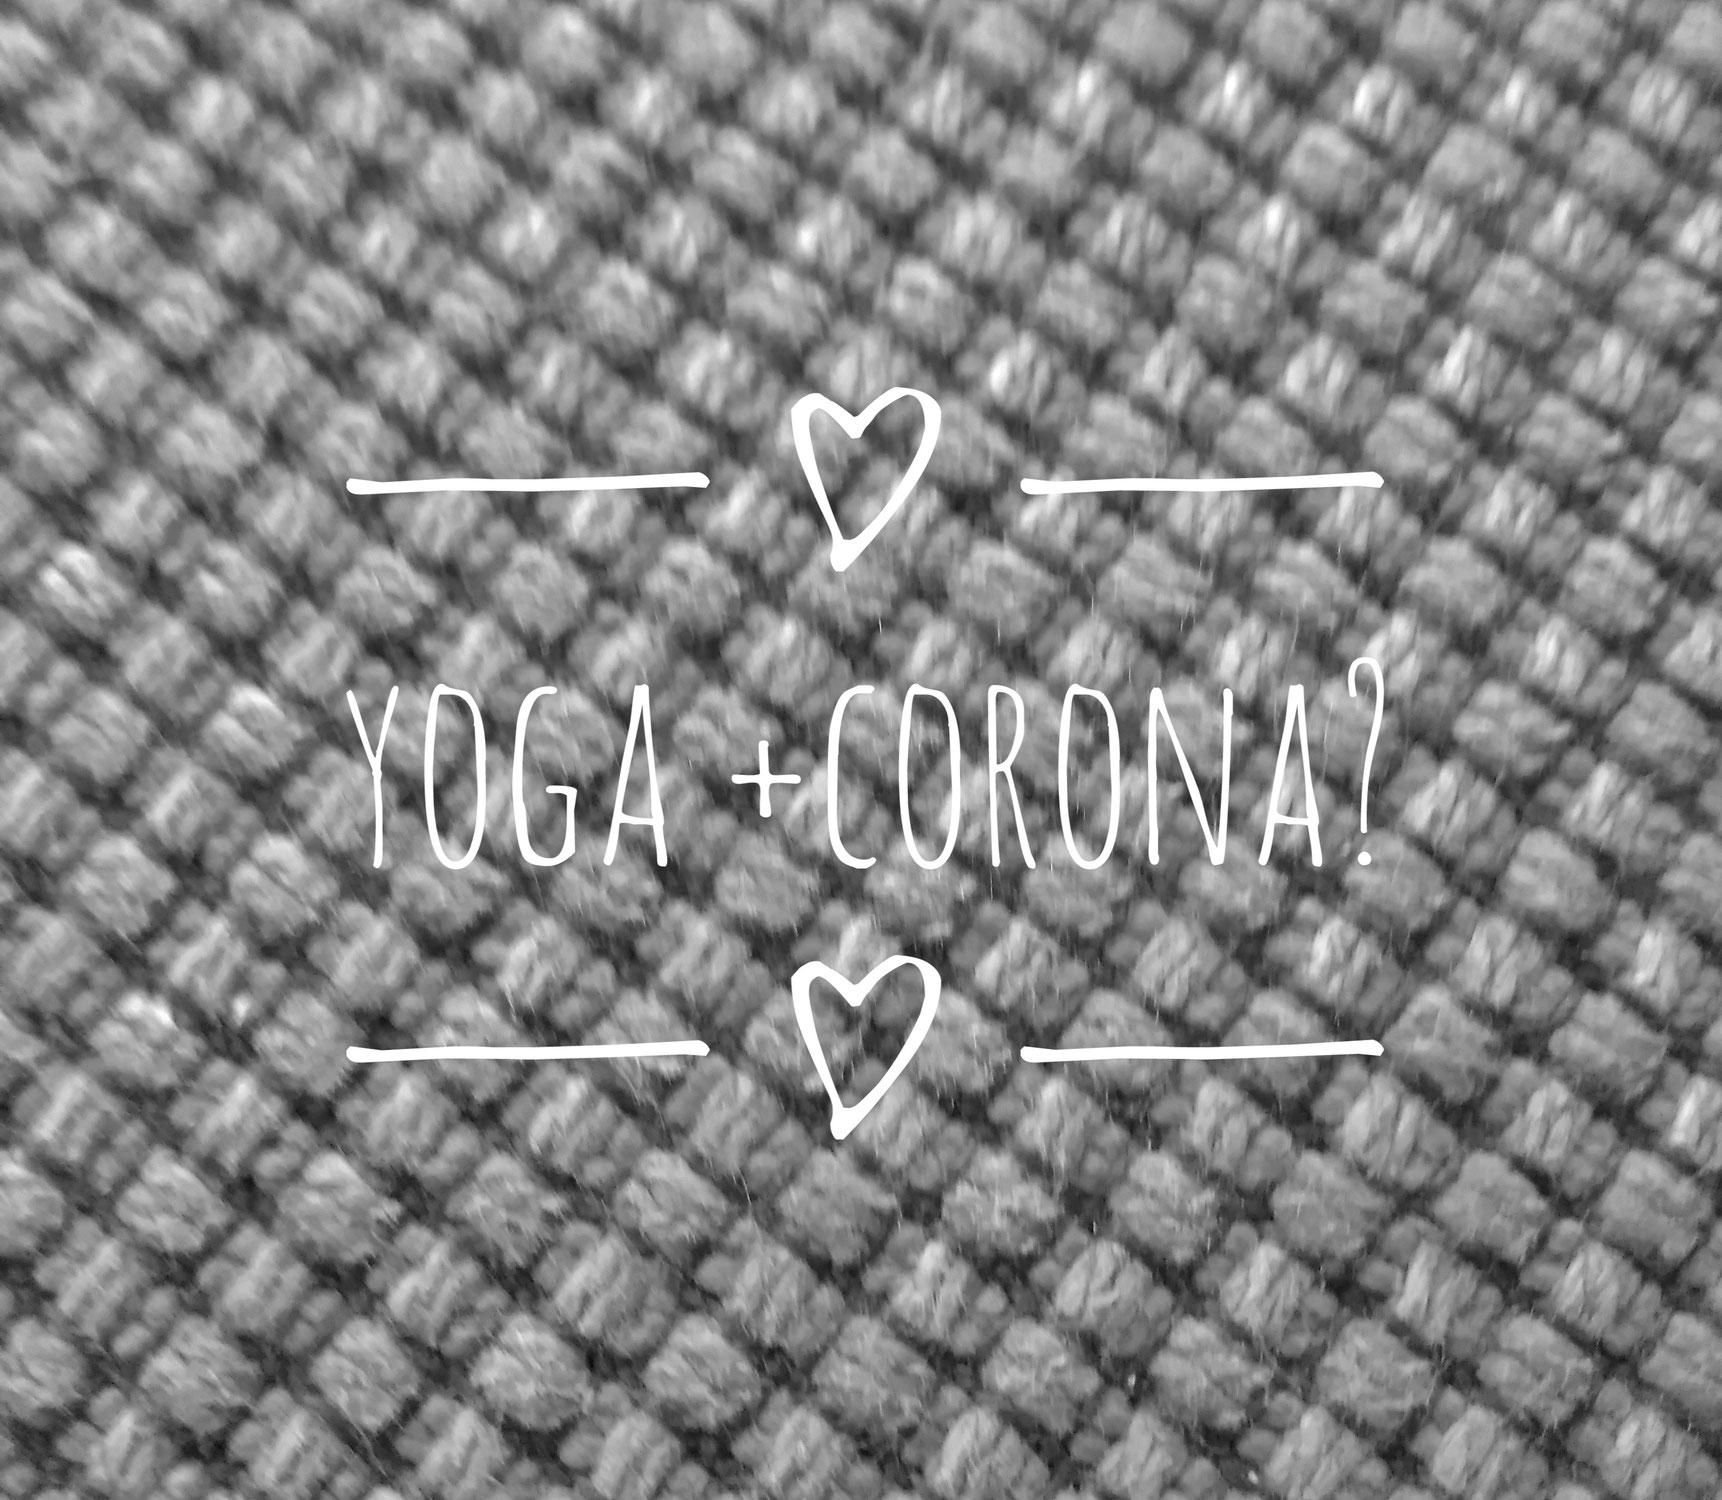 Corona - Update